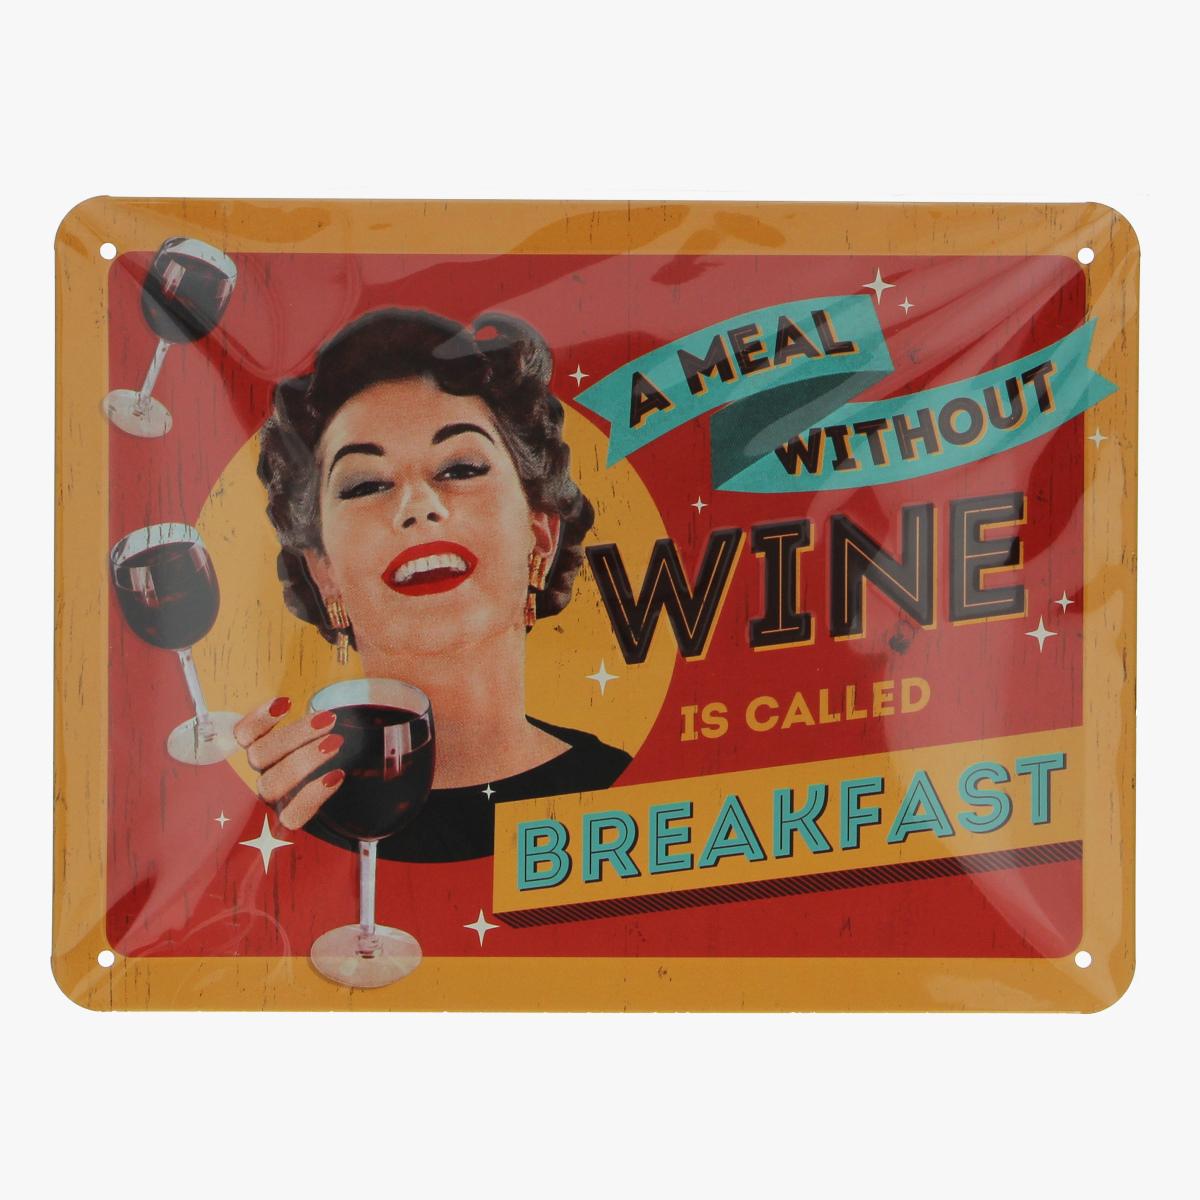 Afbeeldingen van blikken bordje A meal without wine is called Breakfast repro